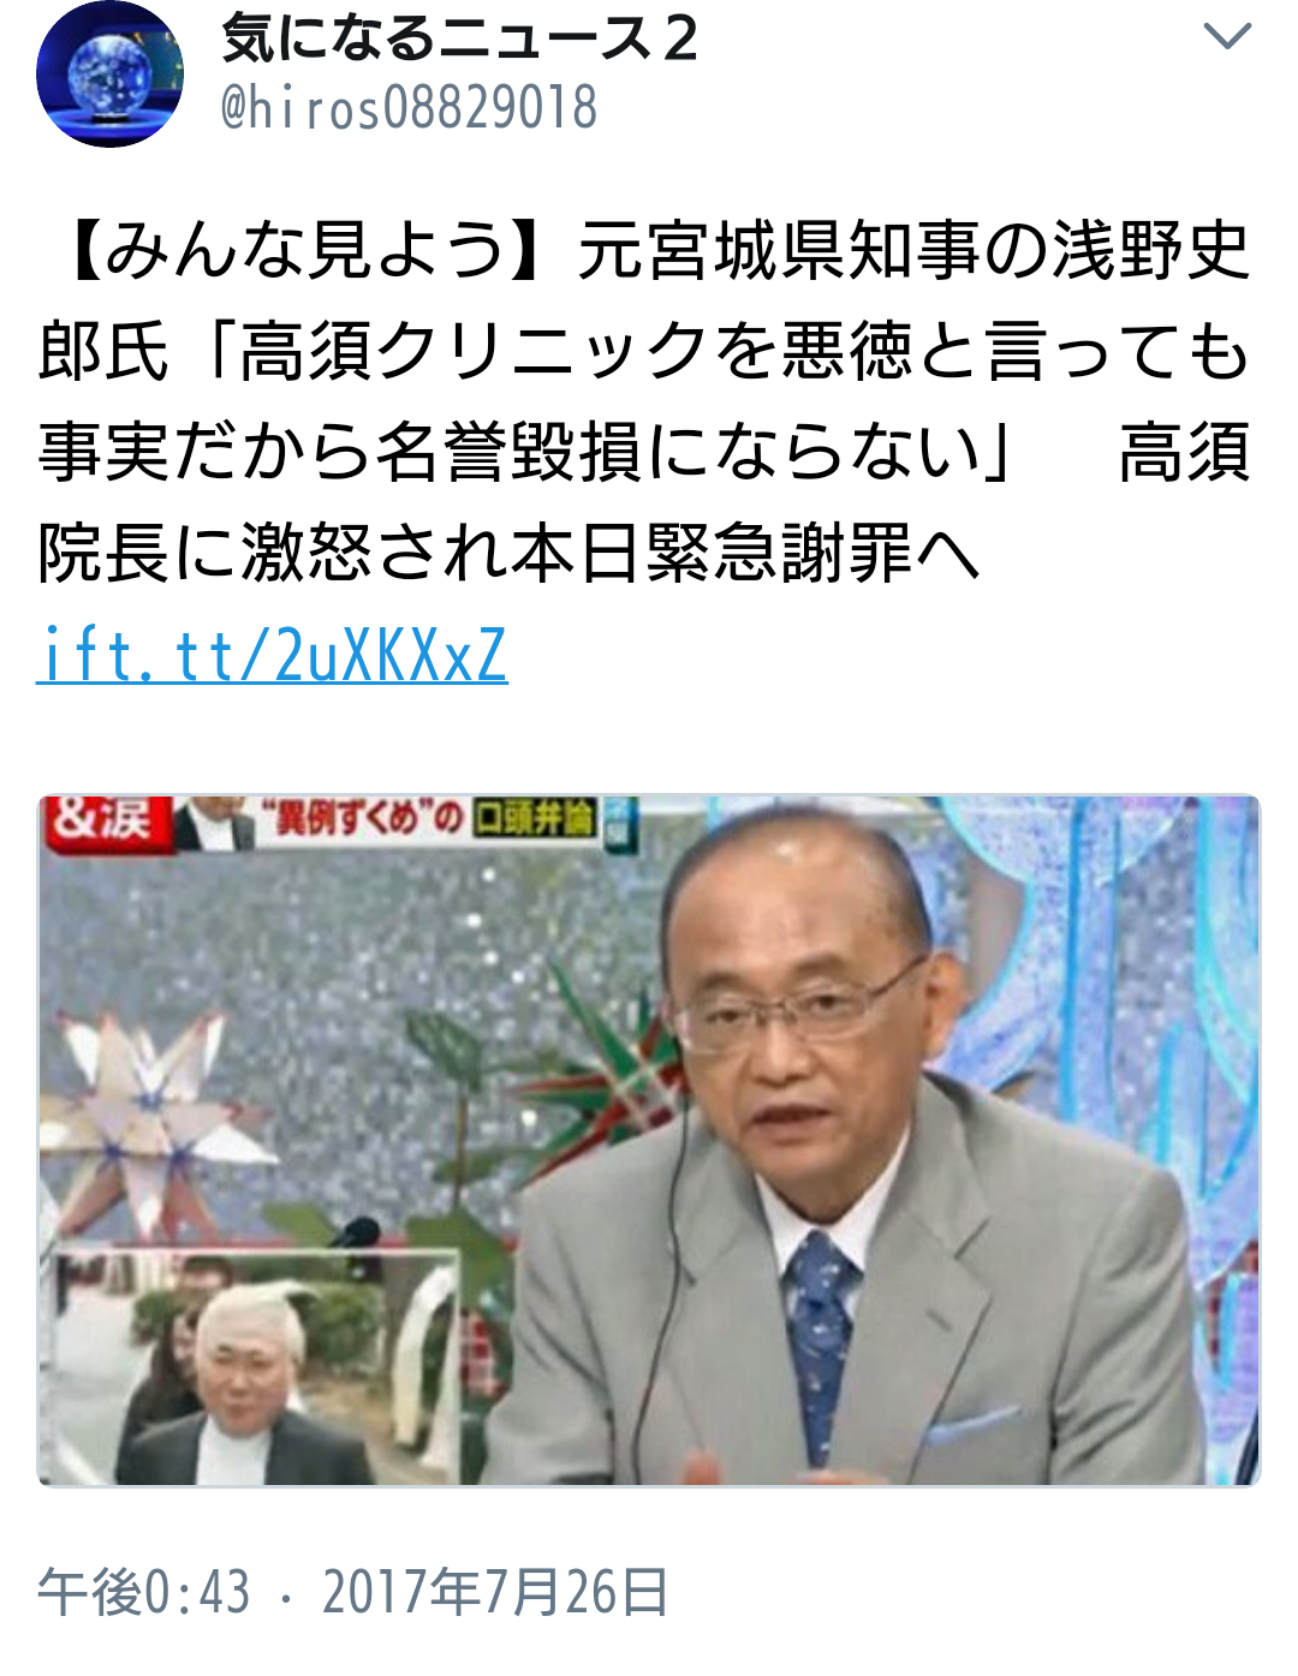 高須院長 生放送でミヤネ屋に謝罪要求へ